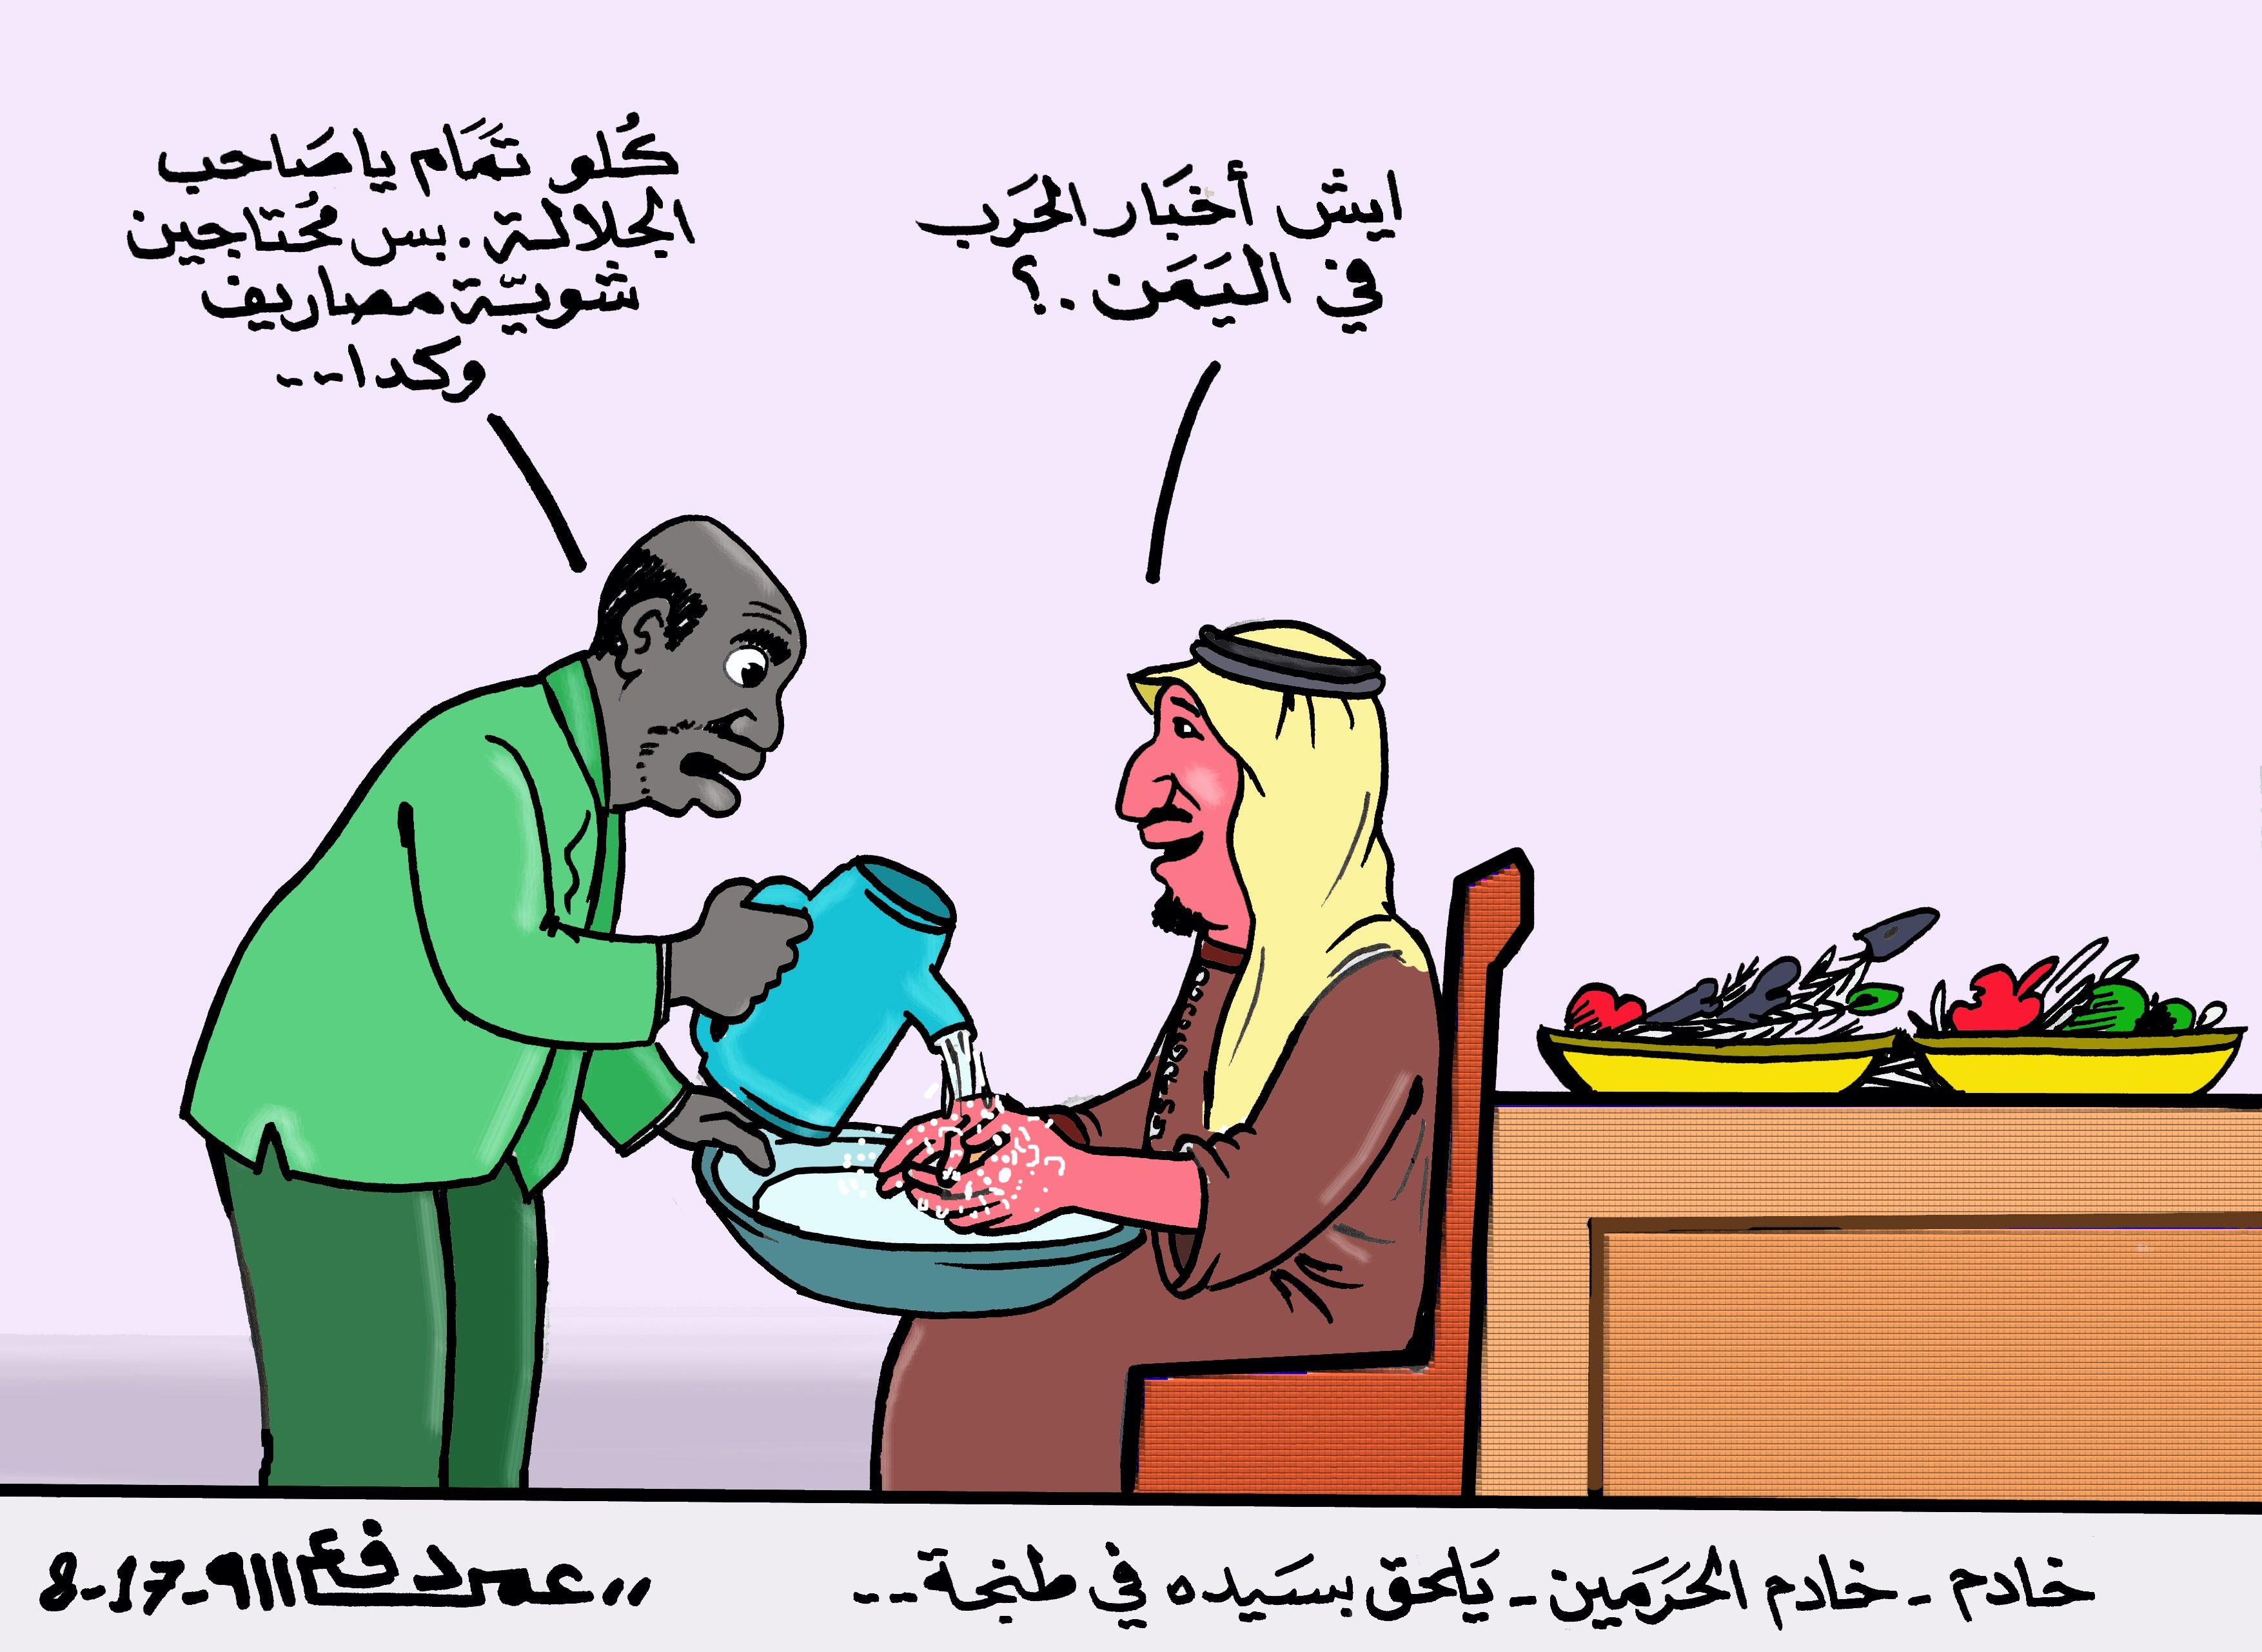 كاركاتير اليوم الموافق 08 اغسطس 2017 للفنان عمر دفع الله